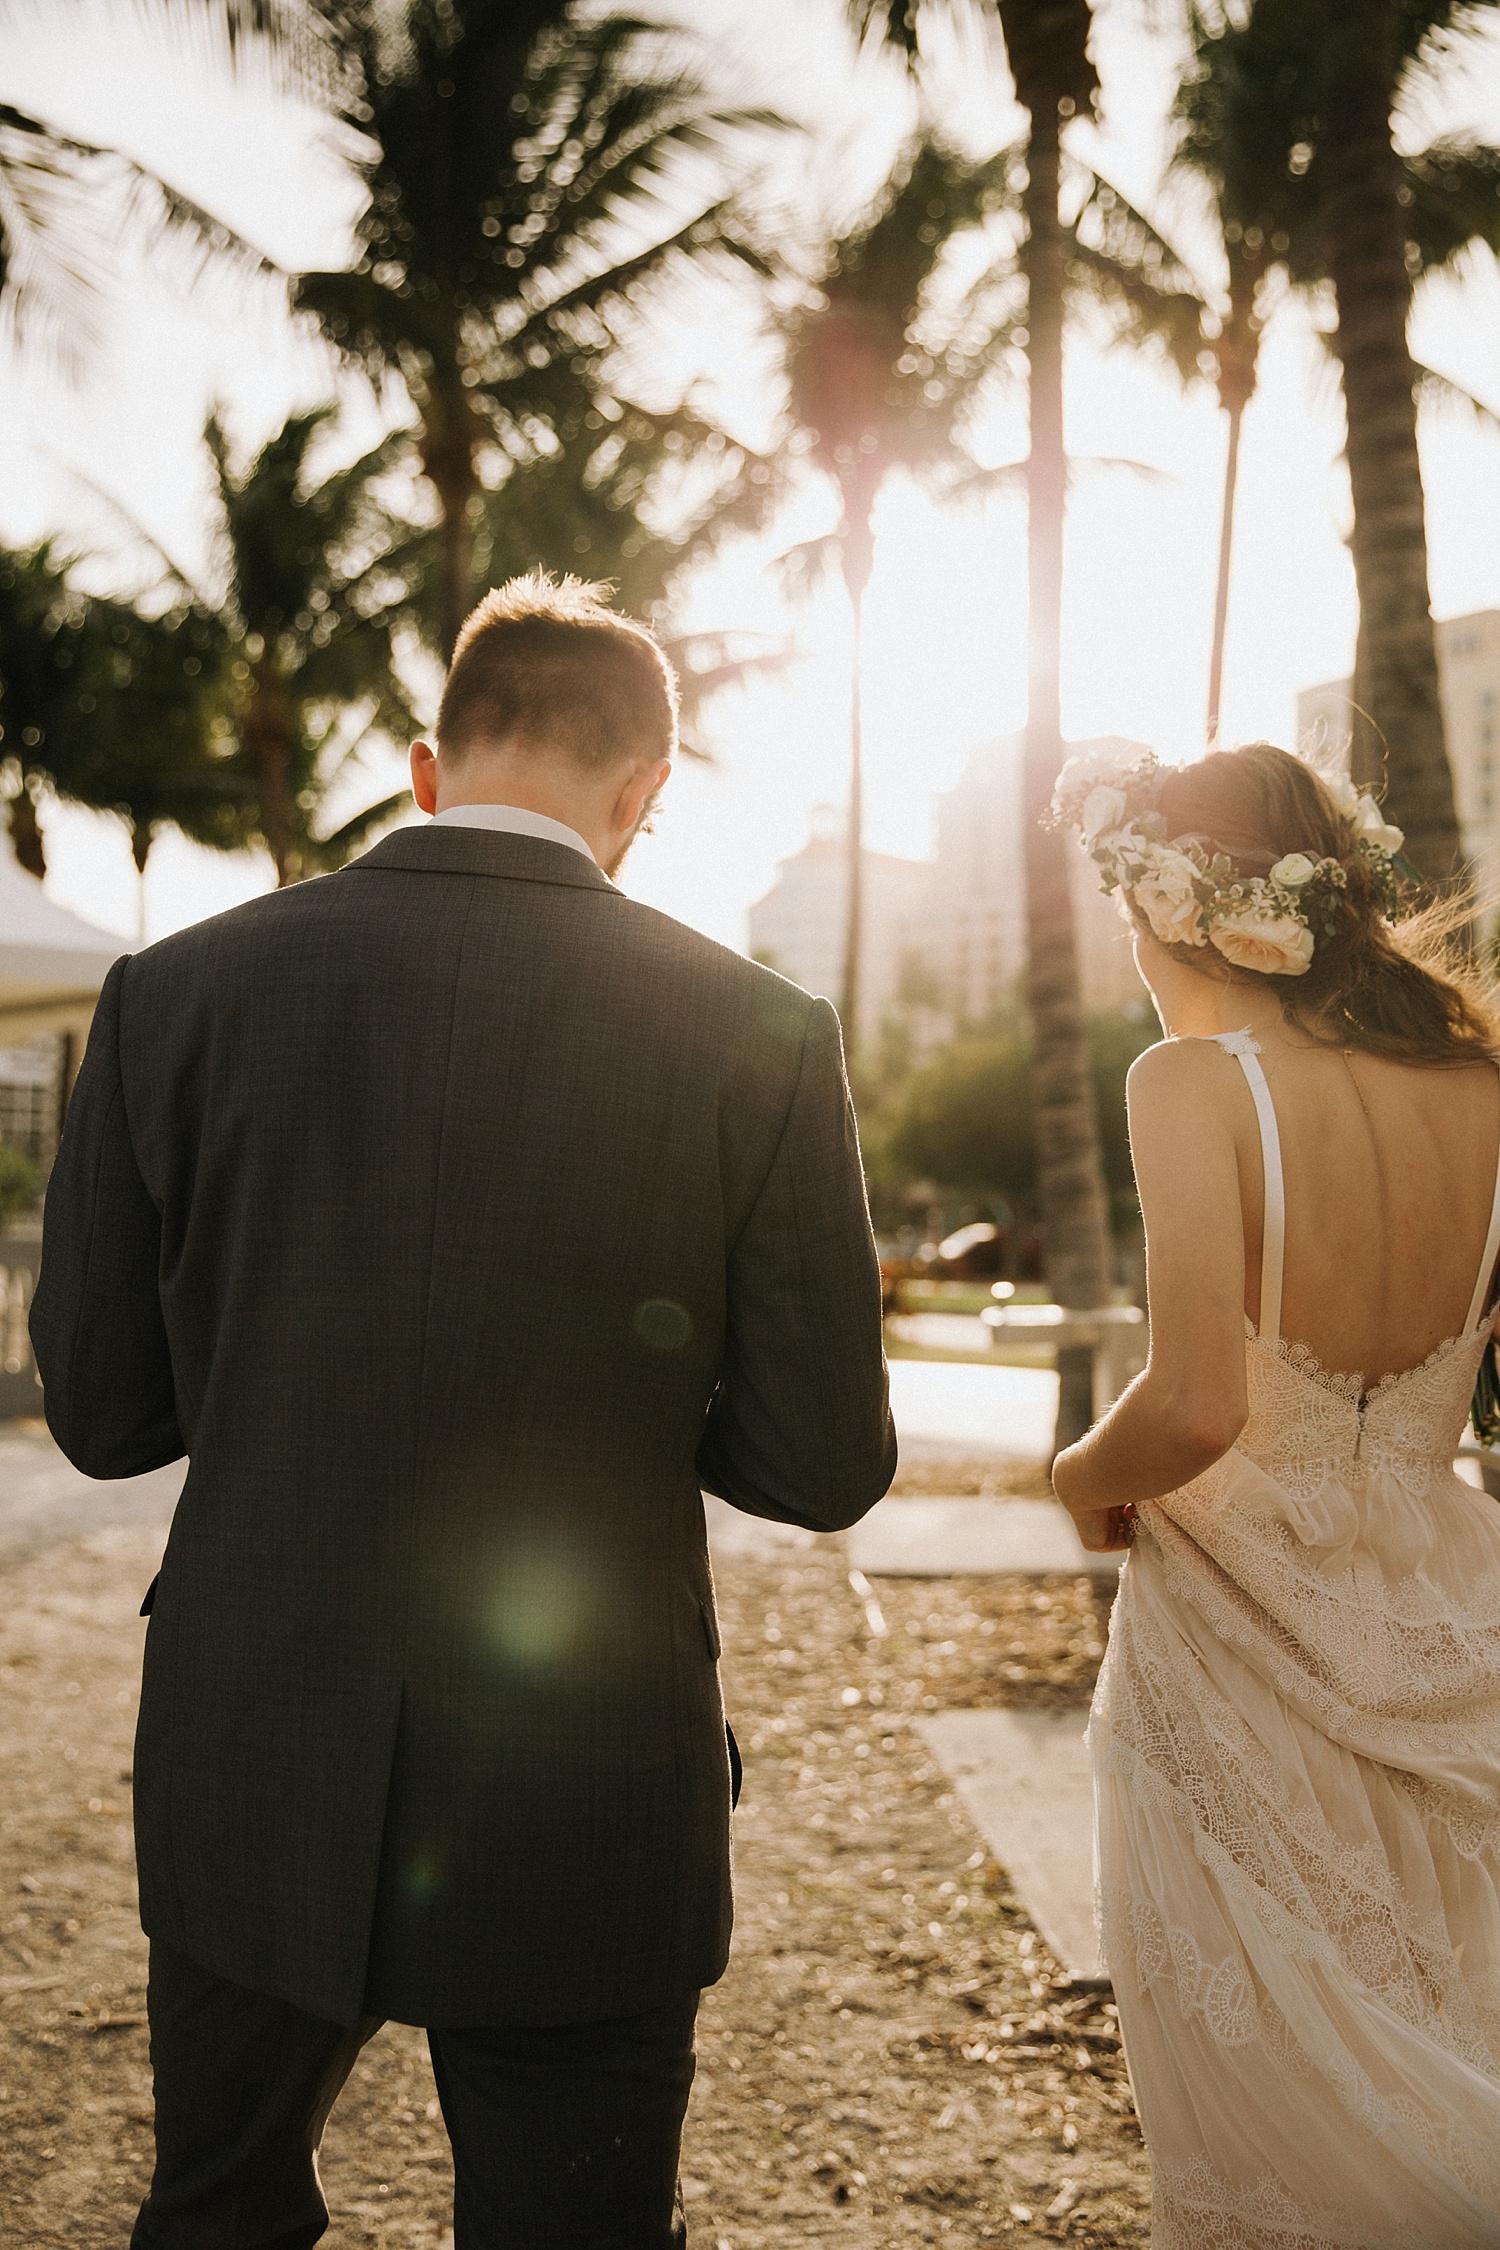 Peter + Kareena Rineer Downtown West Palm Beach December Wedding 2018_0041.jpg